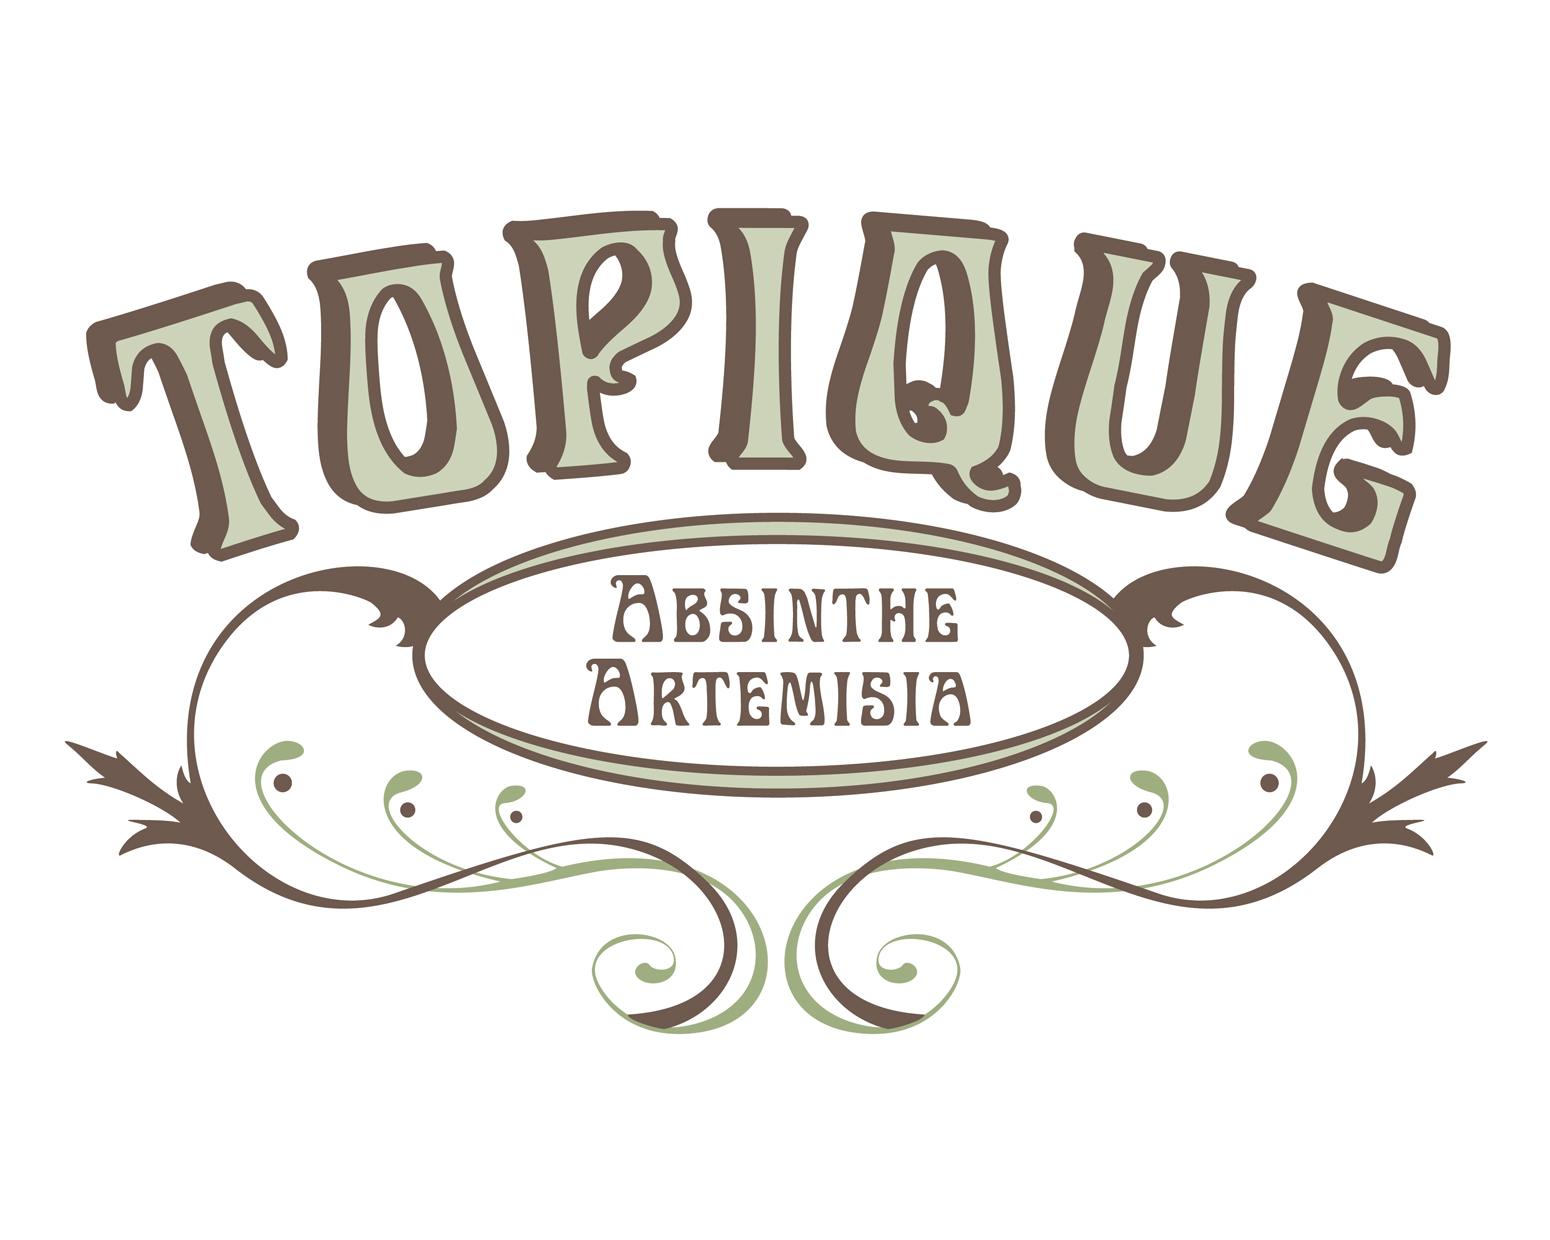 Topique Absinthe Artemesia